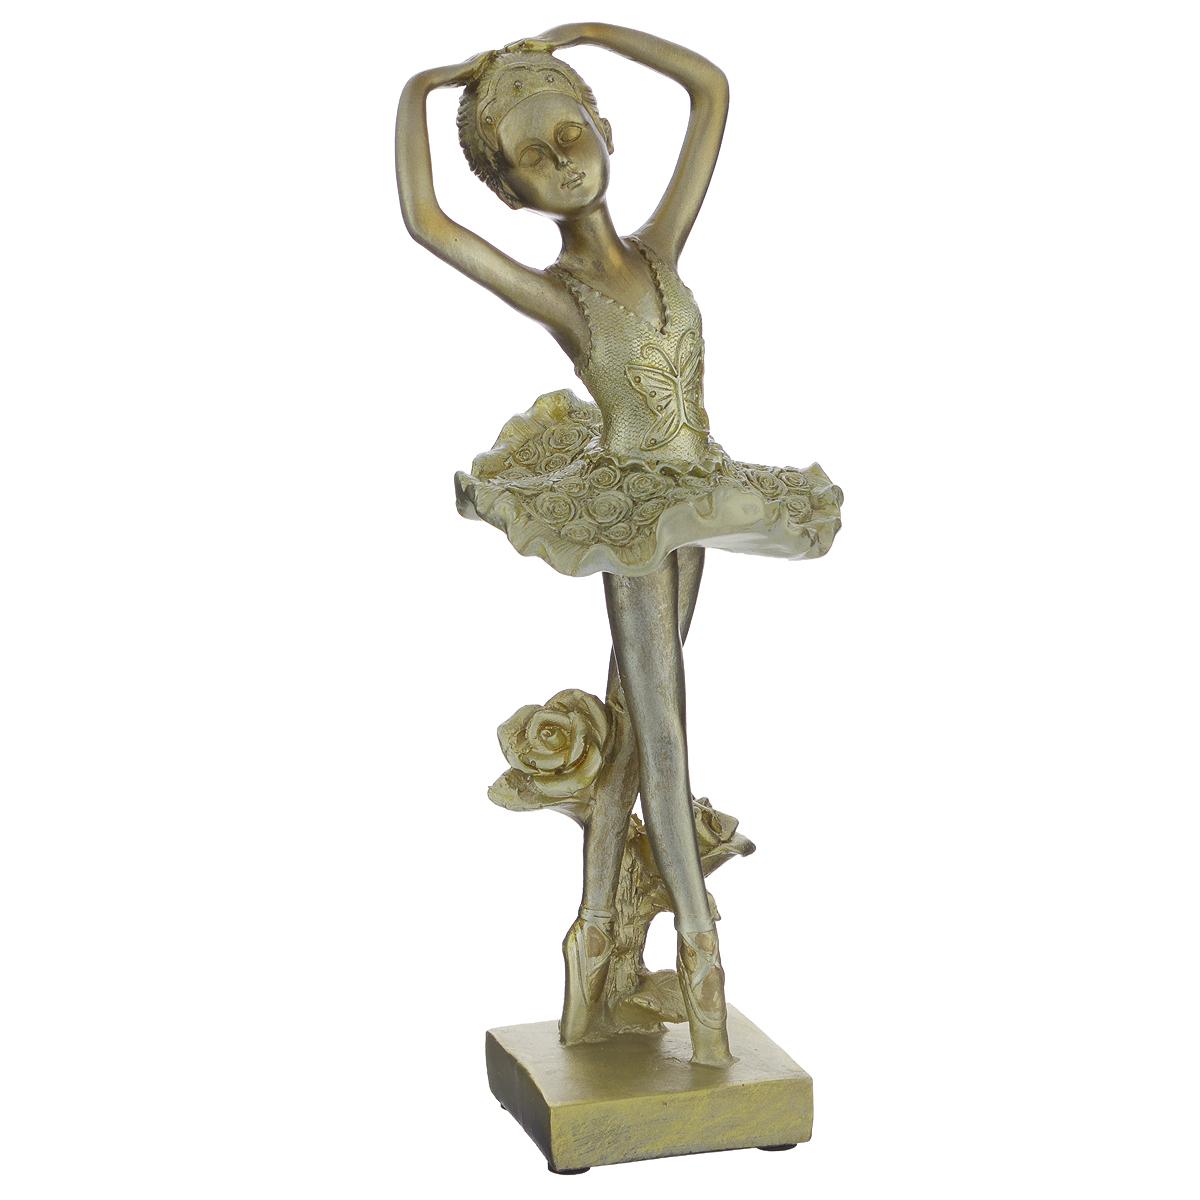 Фигурка декоративная Molento Маленькая балерина, высота 26 см549-089Декоративная фигурка Molento Маленькая балерина, изготовленная из полистоуна, выполнена в виде девочки-балерины. Такая фигурка станет отличным дополнением к интерьеру. Вы можете поставить фигурку в любом месте, где она будет удачно смотреться, и радовать глаз. Кроме того, фигурка Маленькая балерина станет чудесным сувениром для ваших друзей и близких. Размер фигурки: 10 см х 9 см х 26 см.